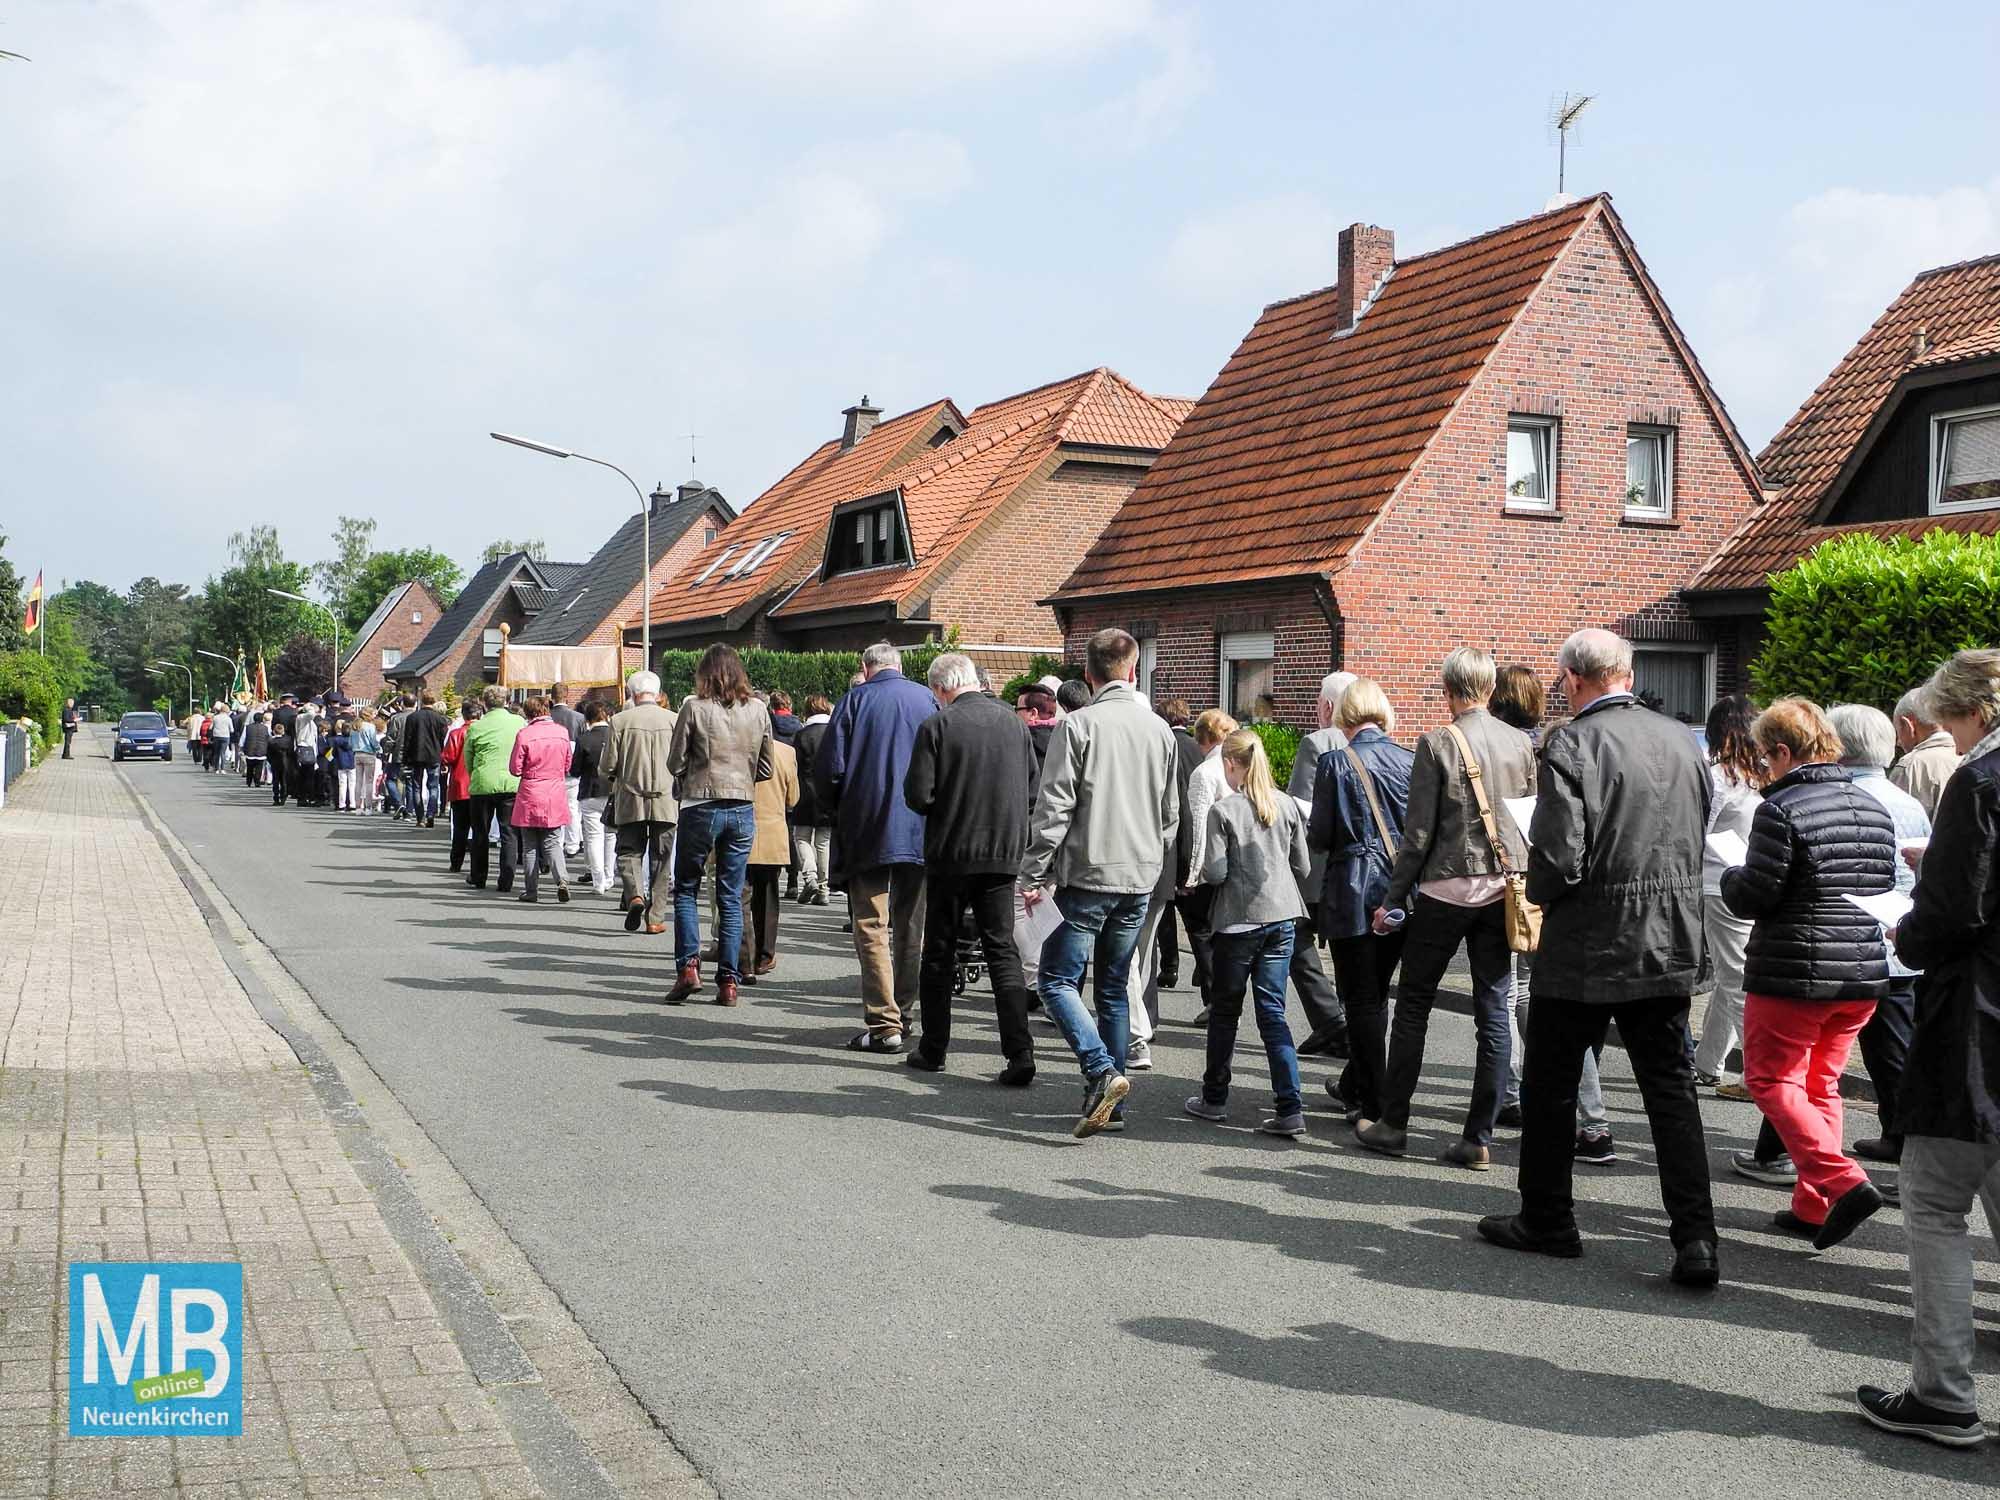 Die Prozession zieht unter großer Beteiligung durch die Straßen